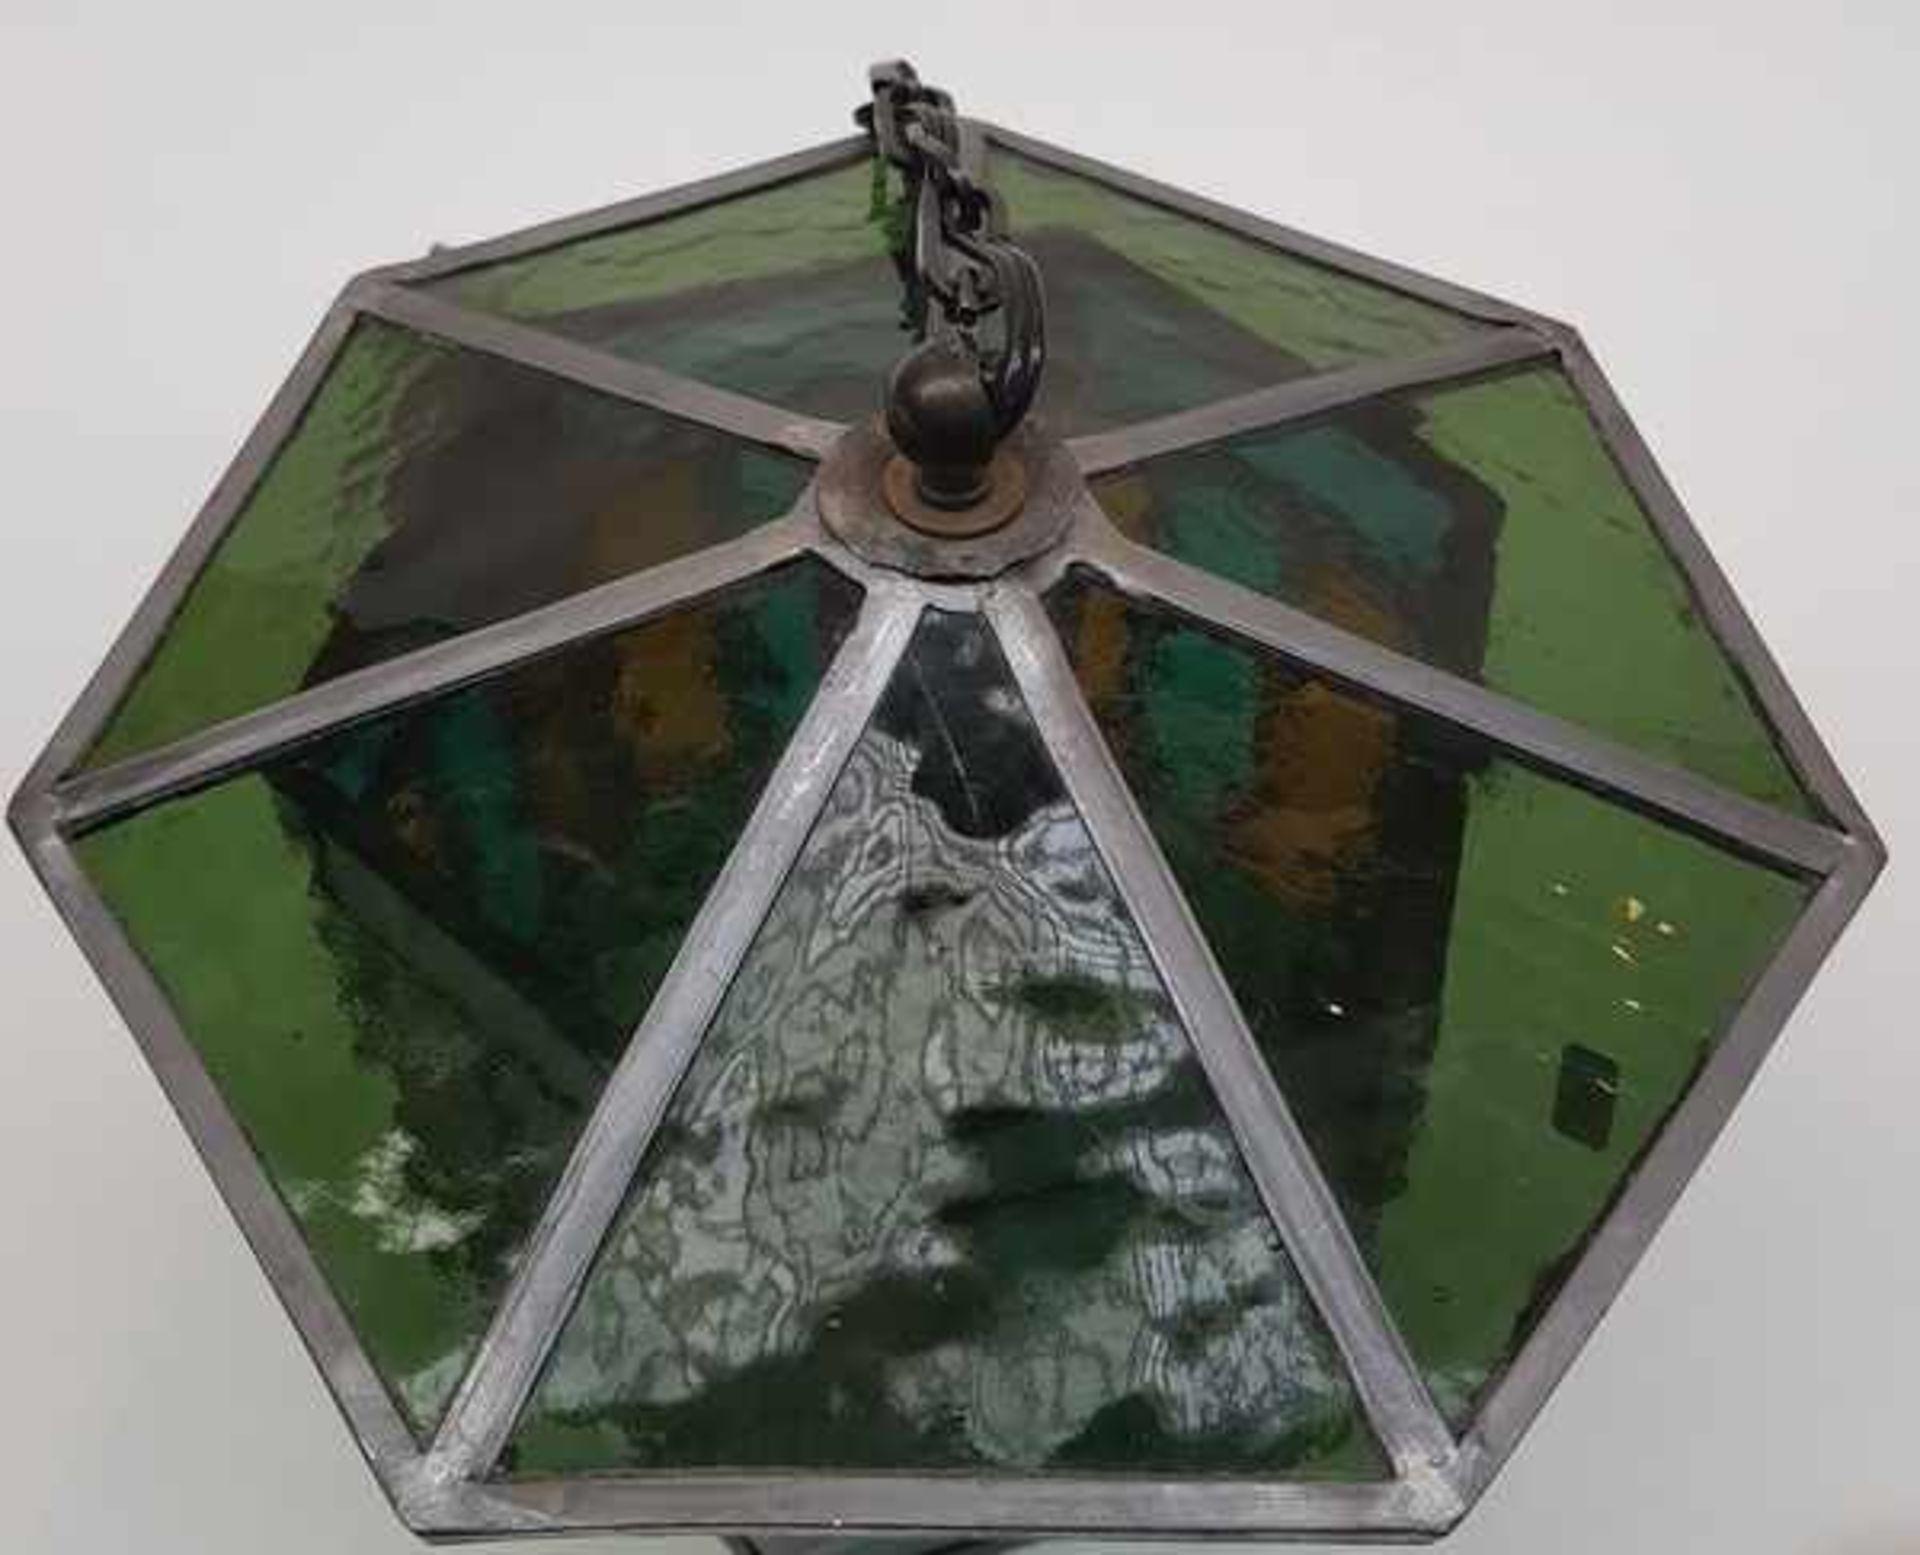 (Curiosa) Lamp glas in lood - Bild 5 aus 6